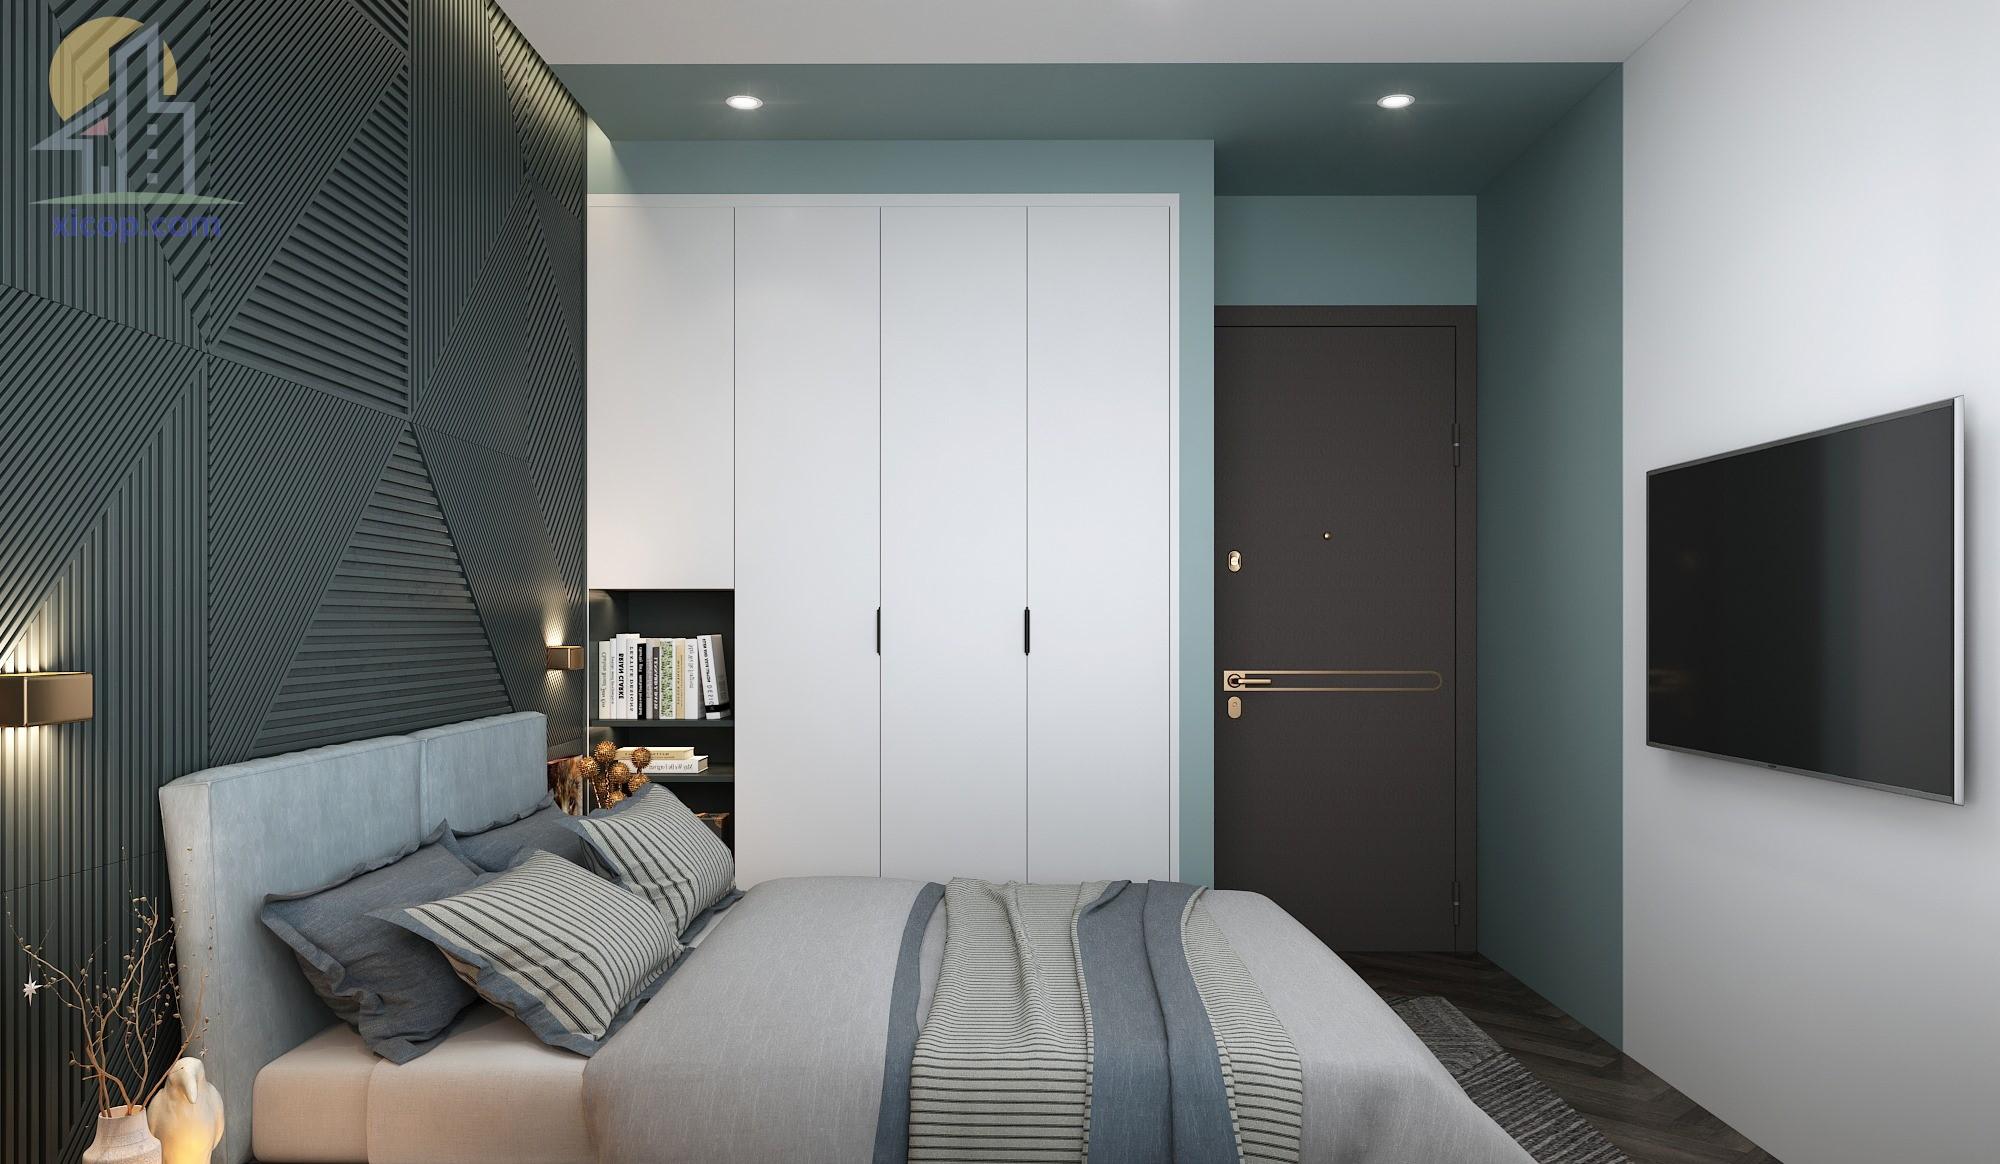 Thiết kế nội thất hiện đại 1 phong cách mới hợp nhà phố, chung cư